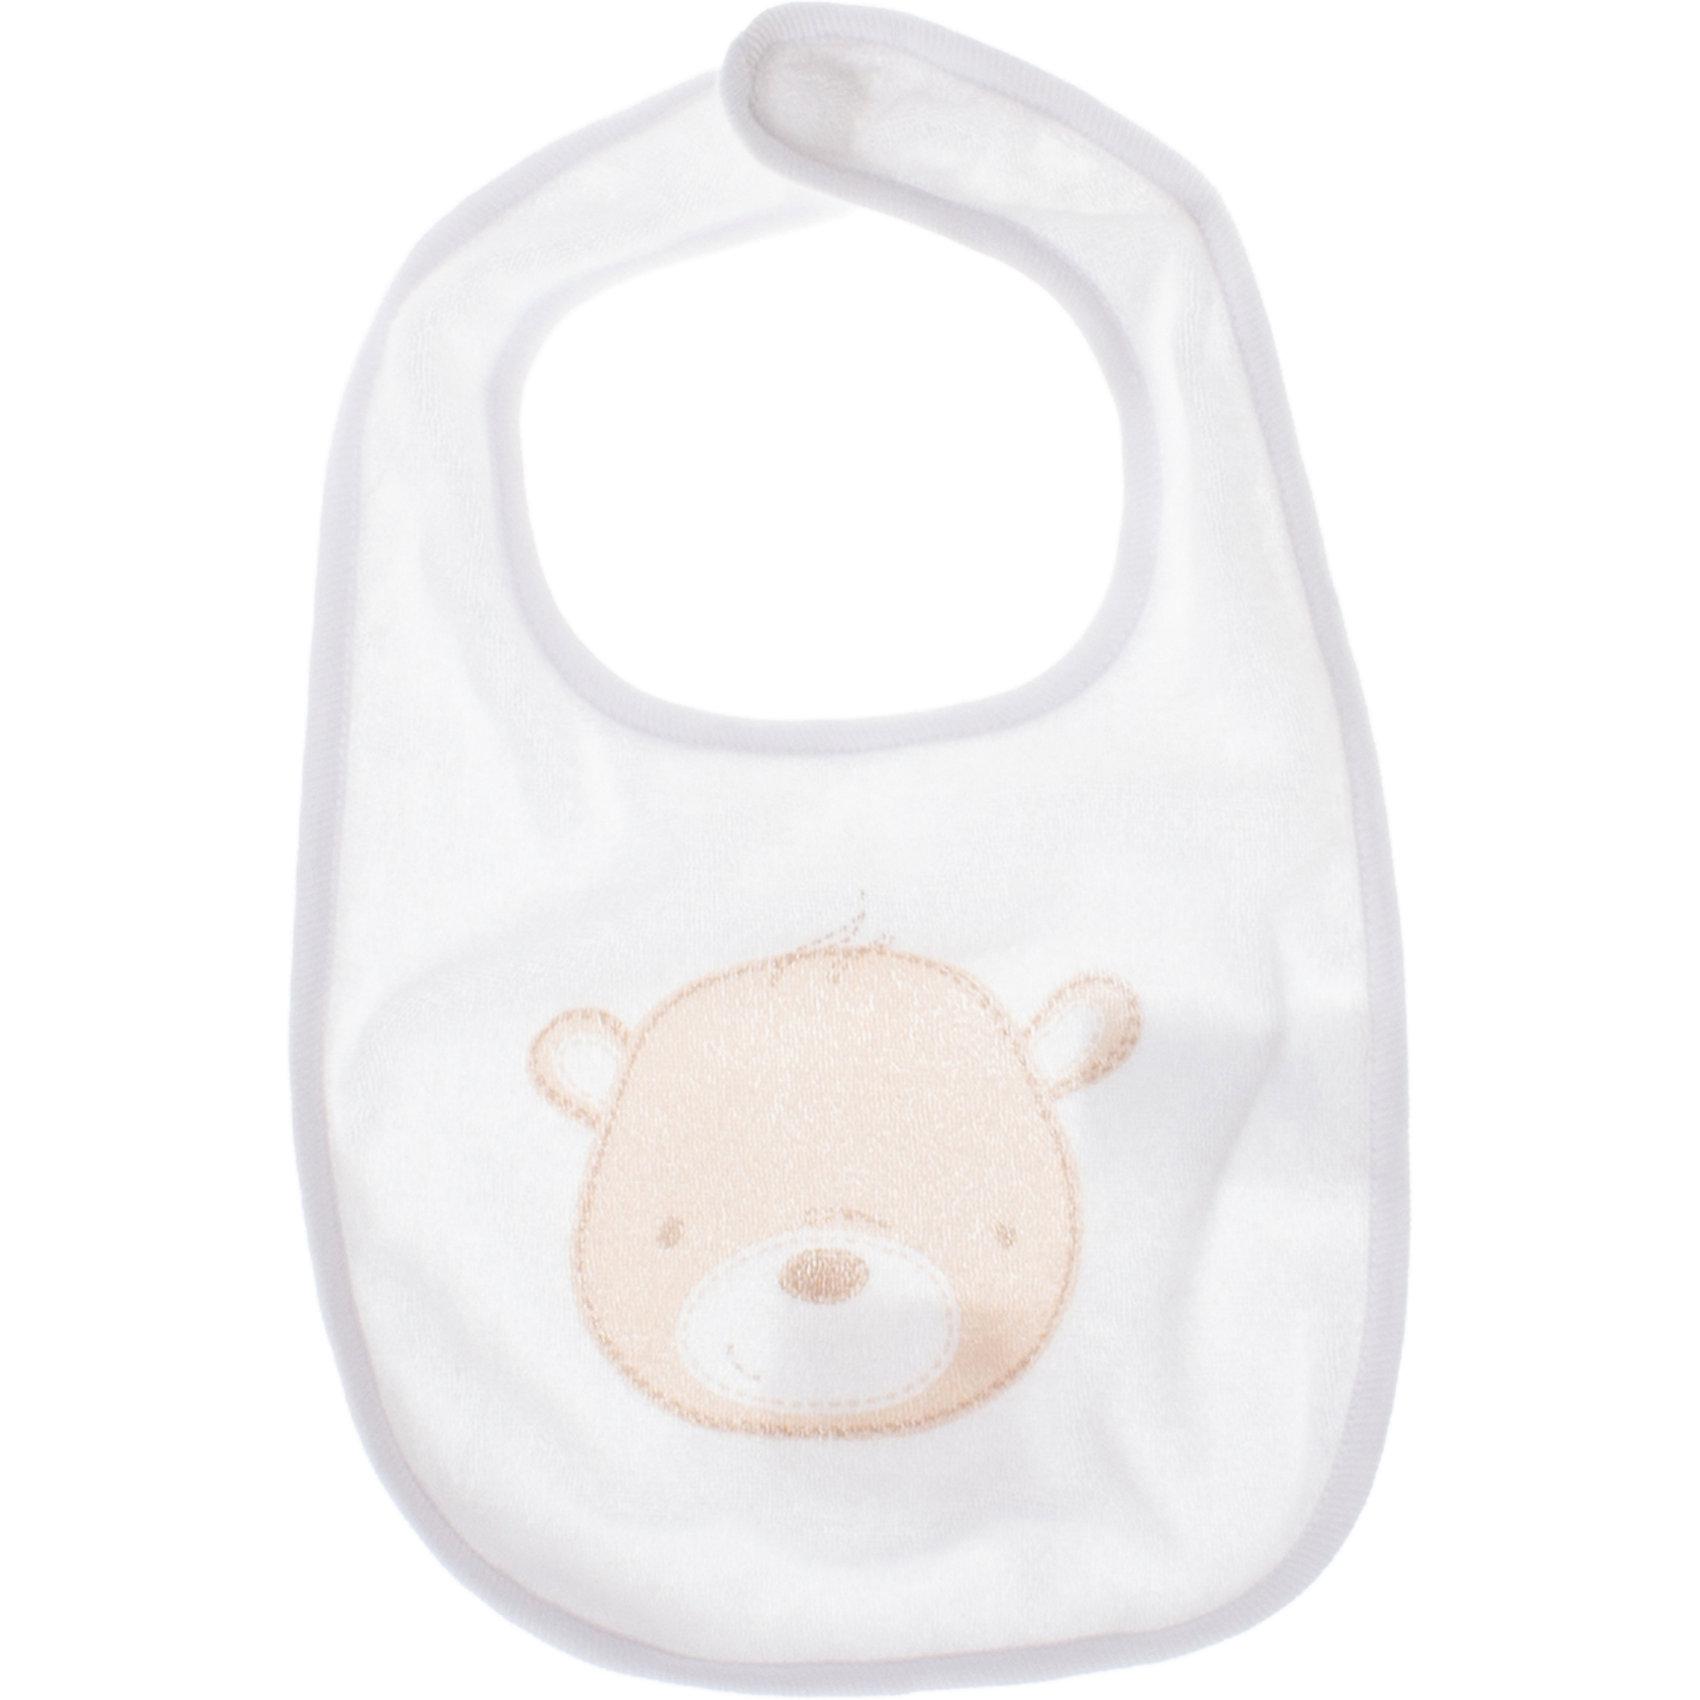 Нагрудник для малышей PlayTodayНагрудник для малышей PlayToday <br><br>Состав: 100% хлопок <br><br>Украшен водным принтом с мишкой.<br>Материал - мохра.<br>С внутренней стороны плащевка.<br><br>Ширина мм: 157<br>Глубина мм: 13<br>Высота мм: 119<br>Вес г: 200<br>Цвет: разноцветный<br>Возраст от месяцев: 0<br>Возраст до месяцев: 24<br>Пол: Унисекс<br>Возраст: Детский<br>Размер: one size<br>SKU: 4503052